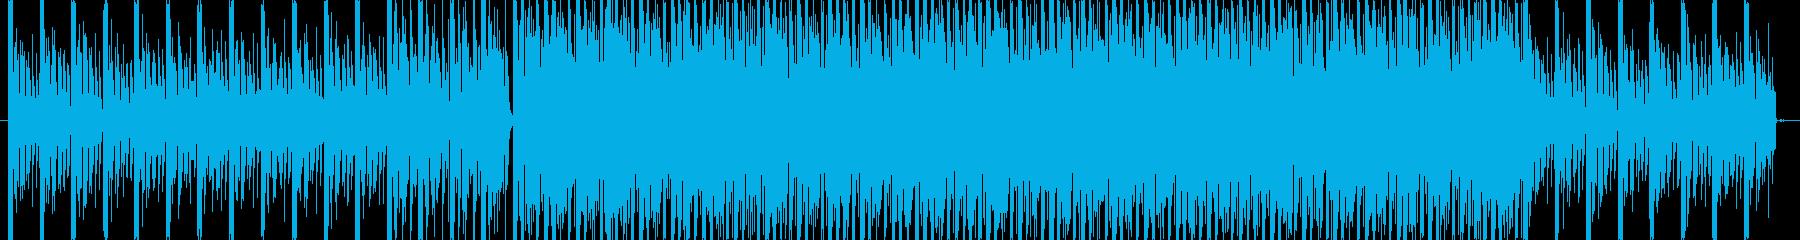 緊迫感のあるサウンドの再生済みの波形